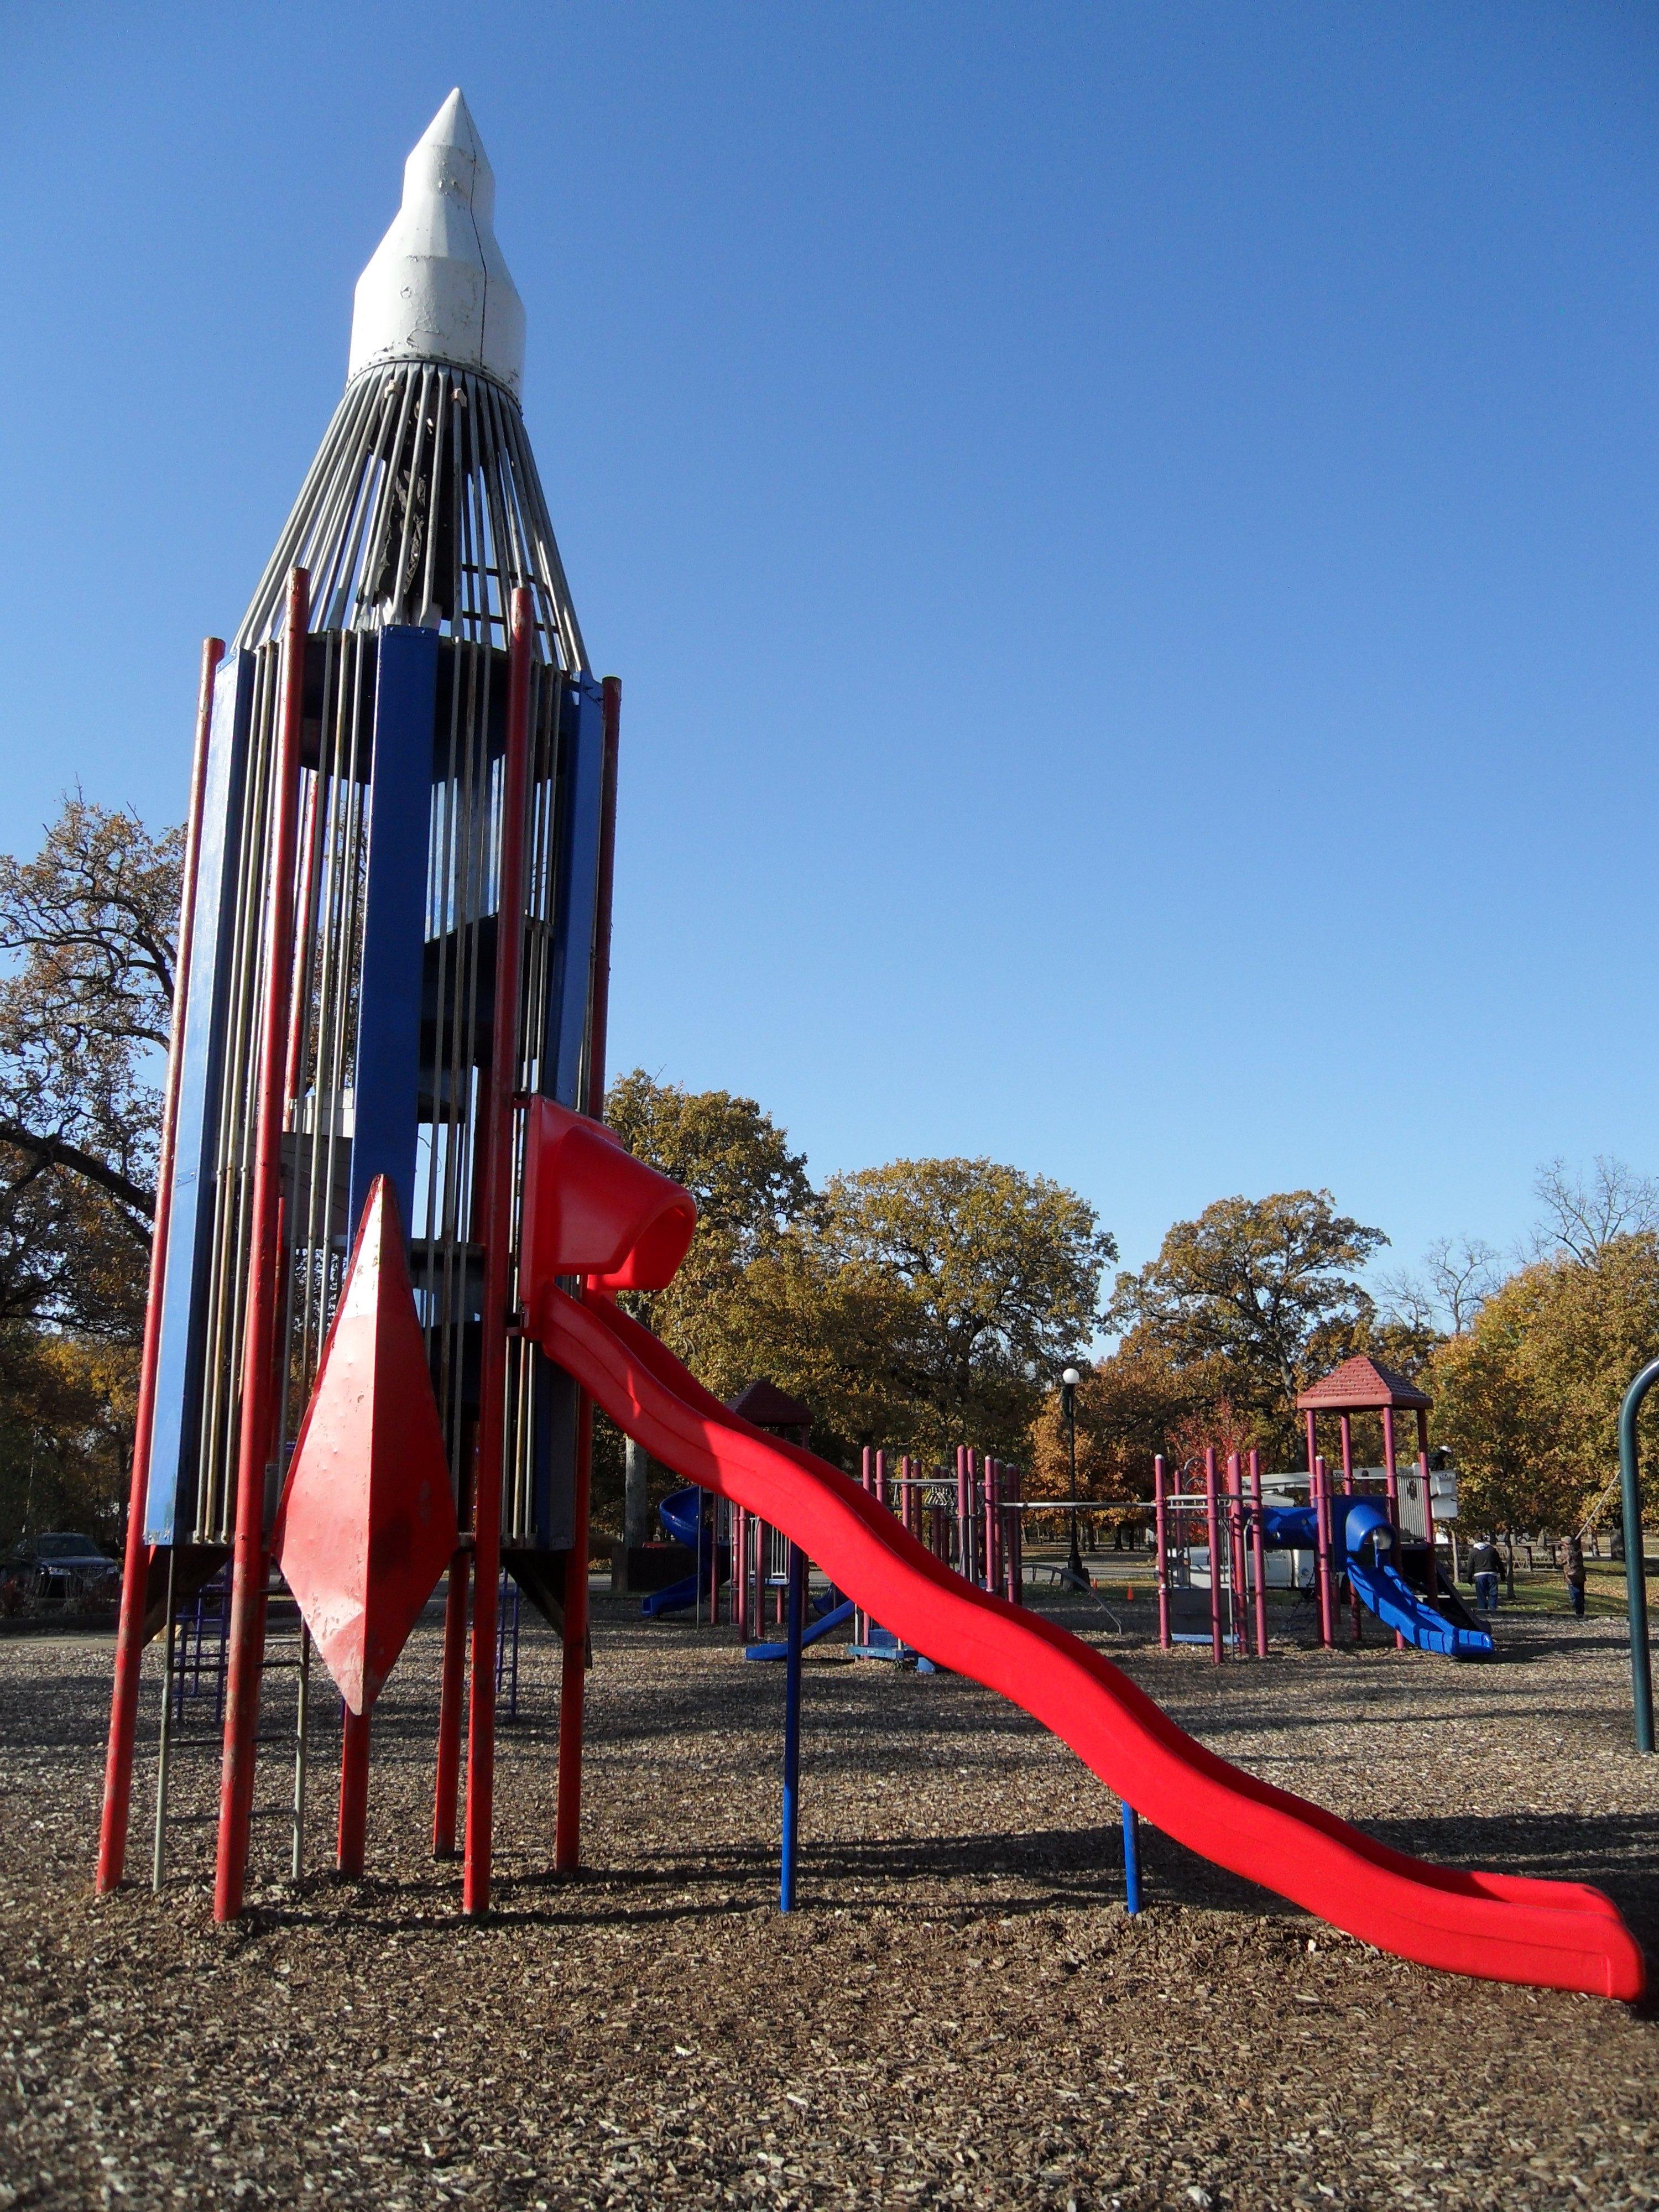 Rocket Slide Rocket Slide Park